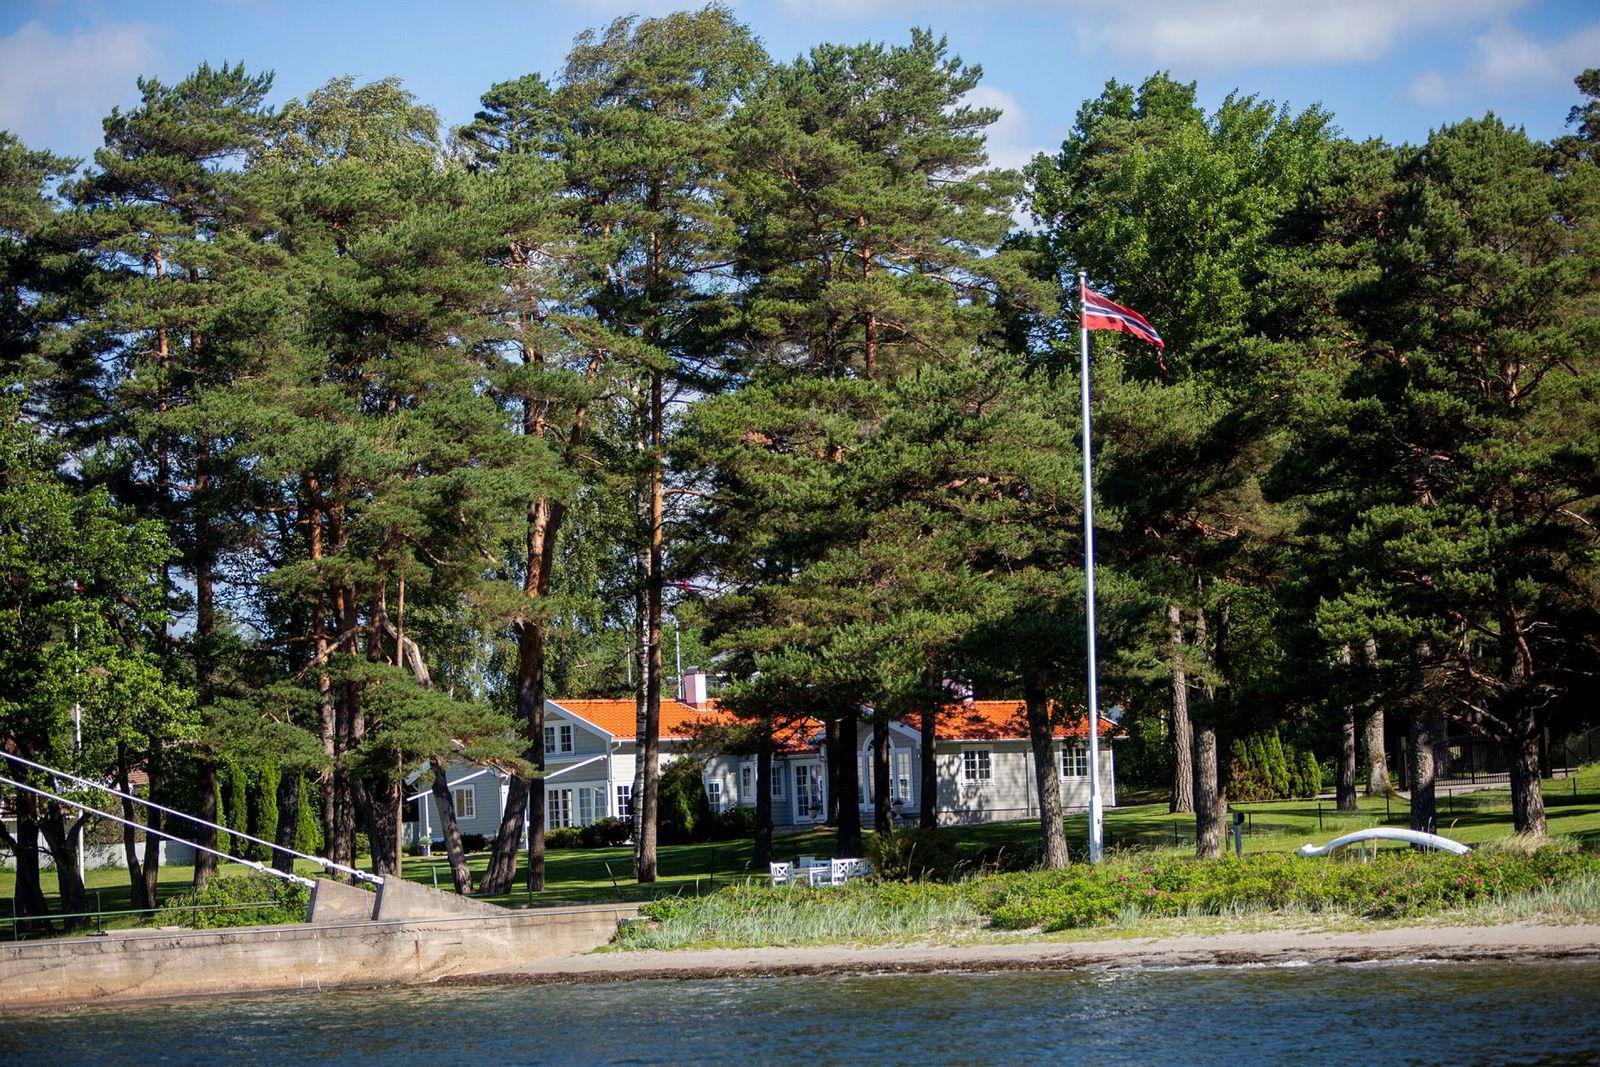 I mai satte Brian Ole Jepsen ny prisrekord for Sandefjord-hytter da han ga 33 millioner kroner for denne eiendommen.